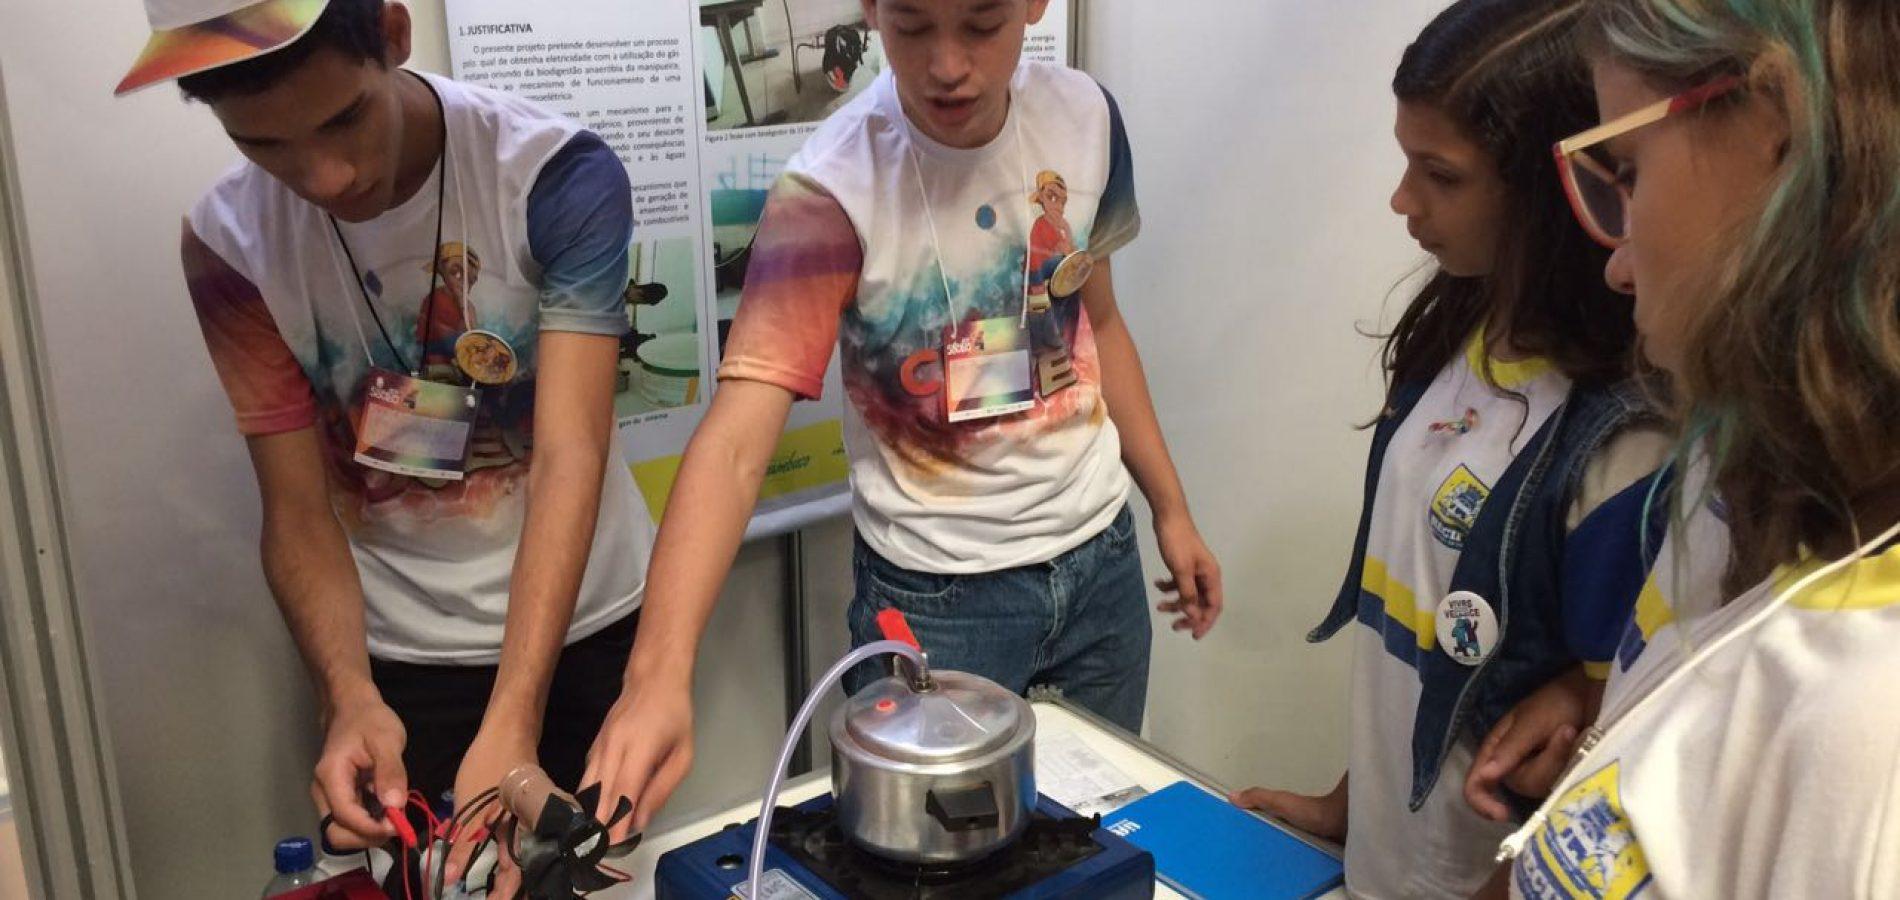 Estudantes de Araripina apresentam em Feira de Ciência no Recife-PE trabalho sobre geração de energia alternativa